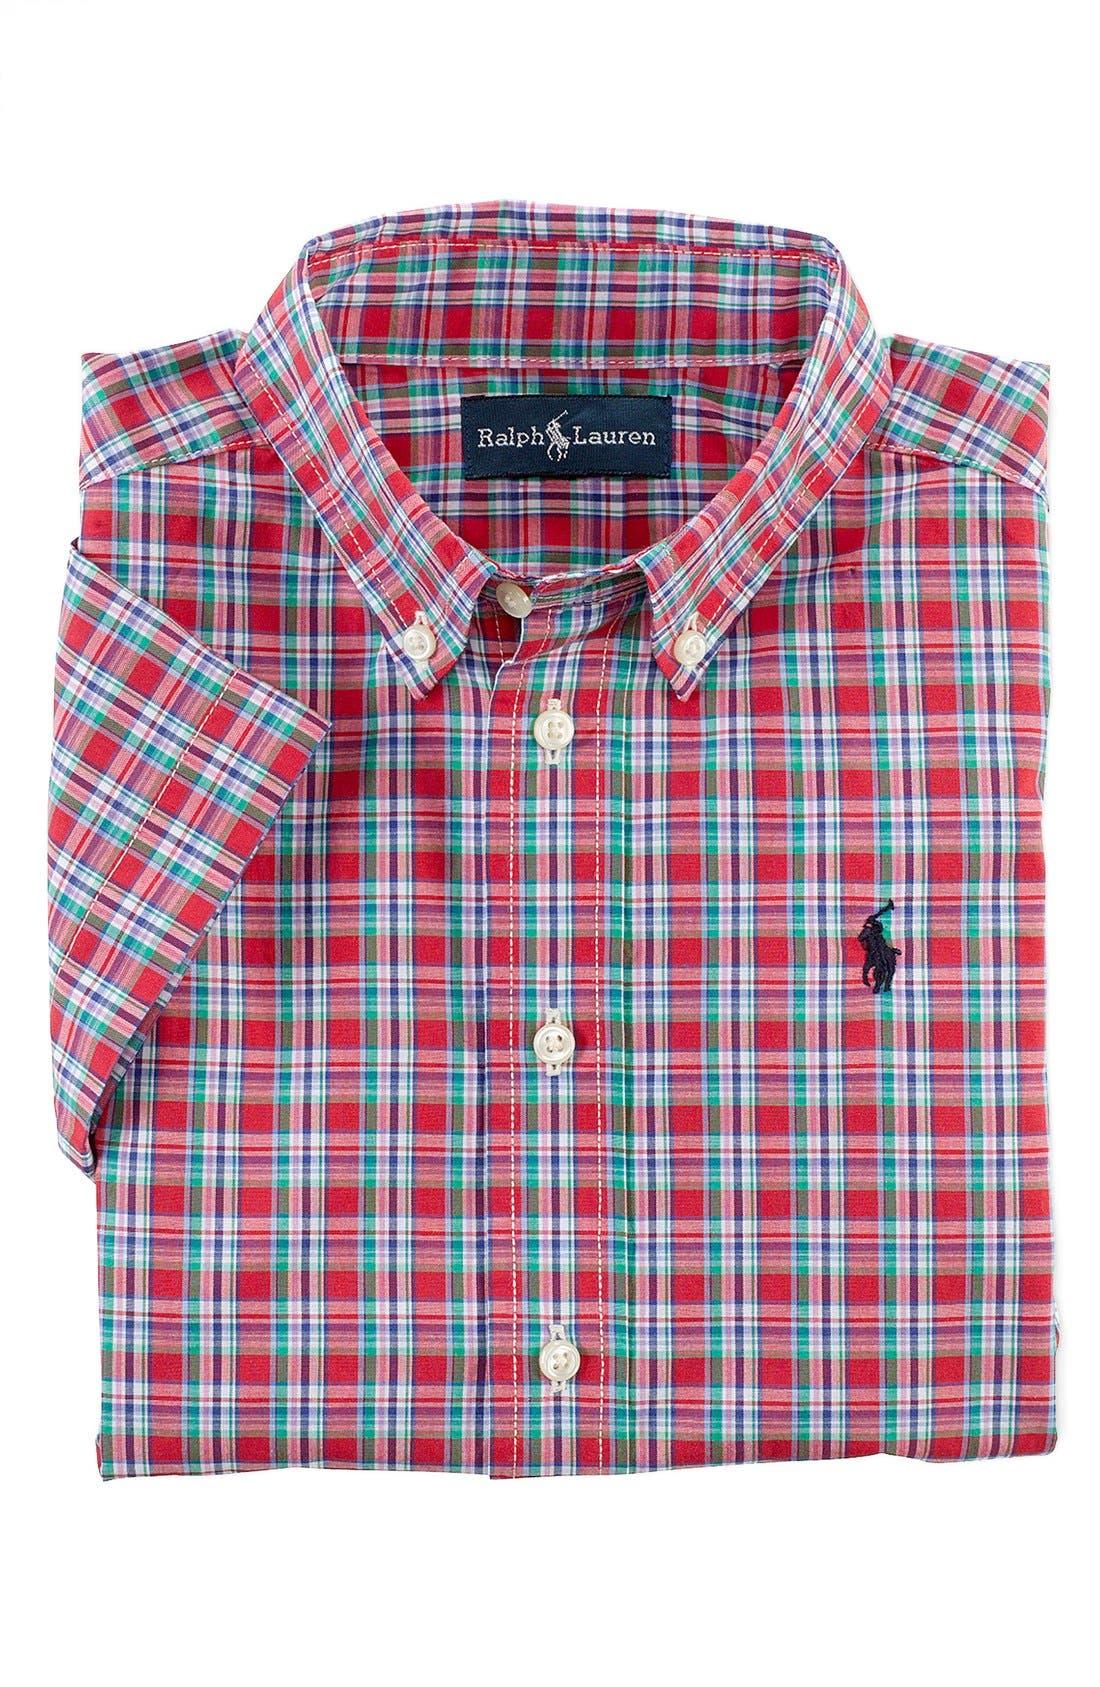 Main Image - Ralph Lauren Woven Plaid Shirt (Toddler Boys)